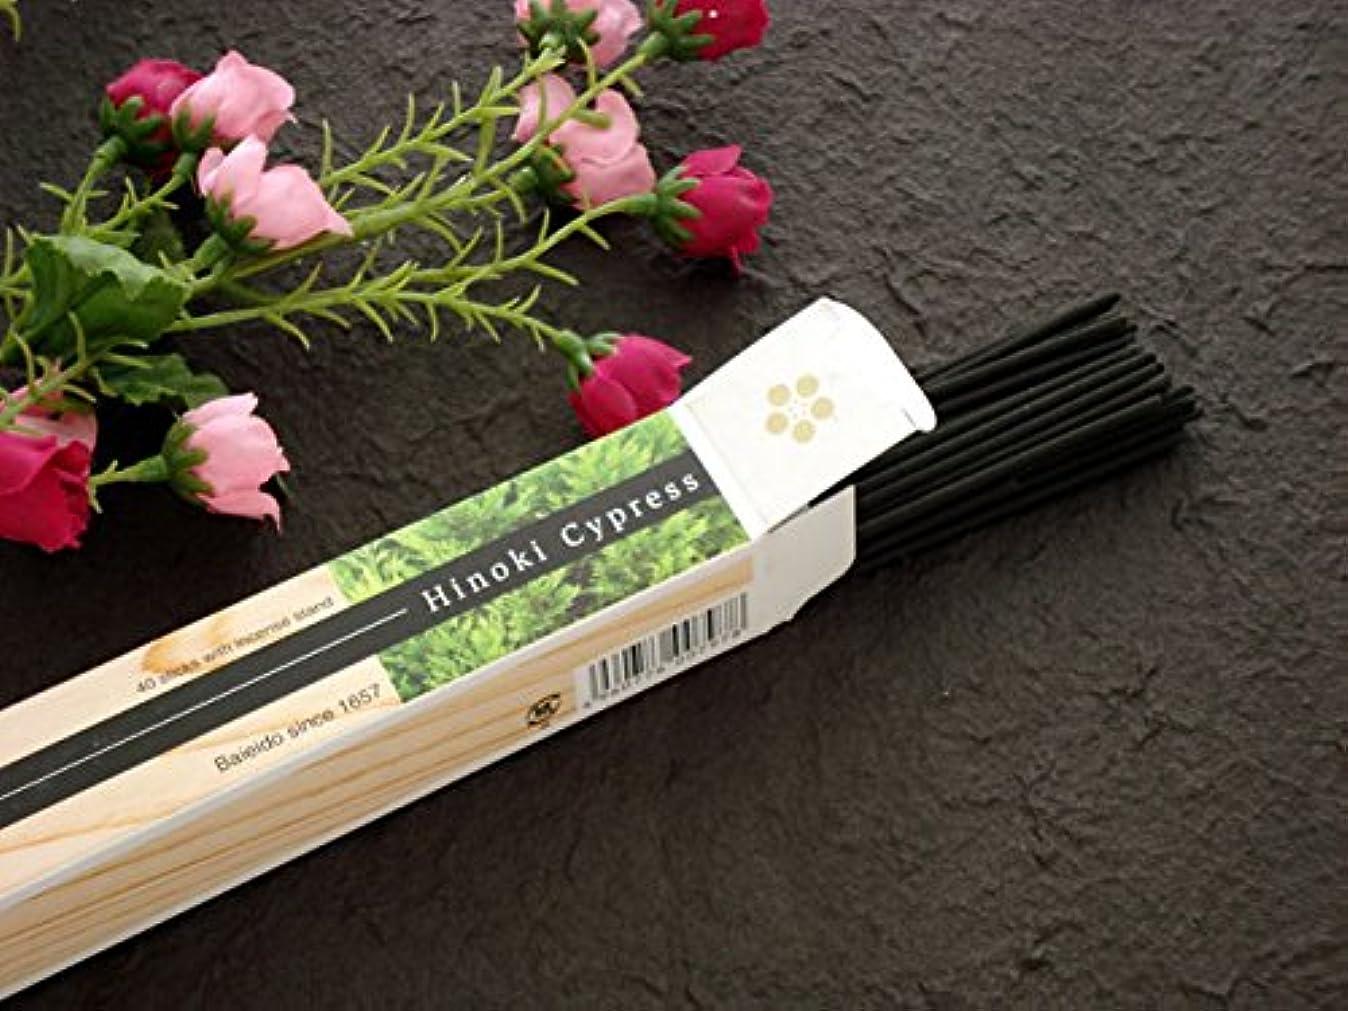 コンデンサー皮肉なに渡って梅栄堂のお香 Hinoki Cypress (檜)